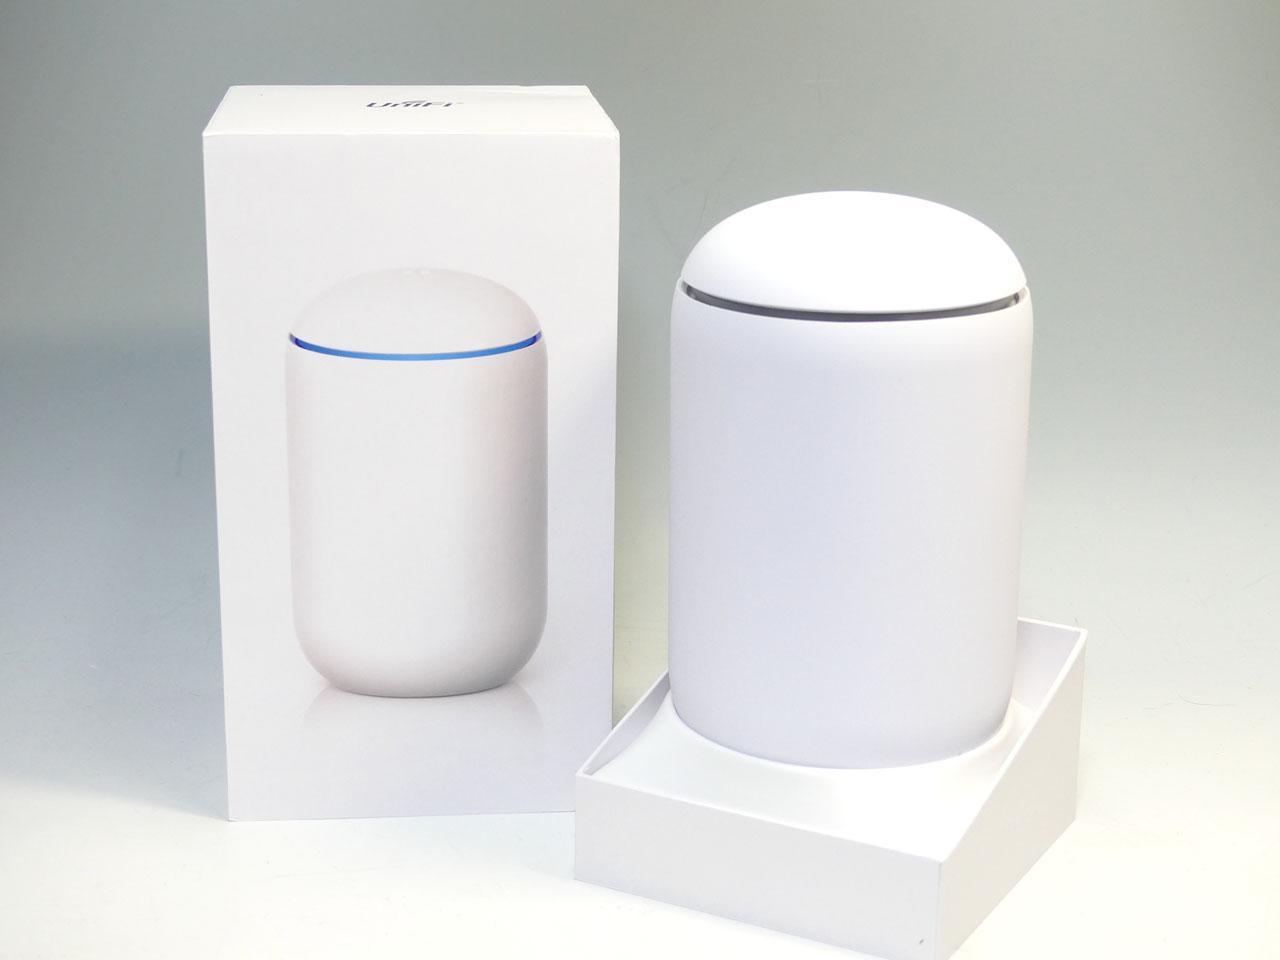 「UniFi Dream Machine」。米国では299ドル。日本では3万6700円で購入可能なオールインワンネットワーク機器